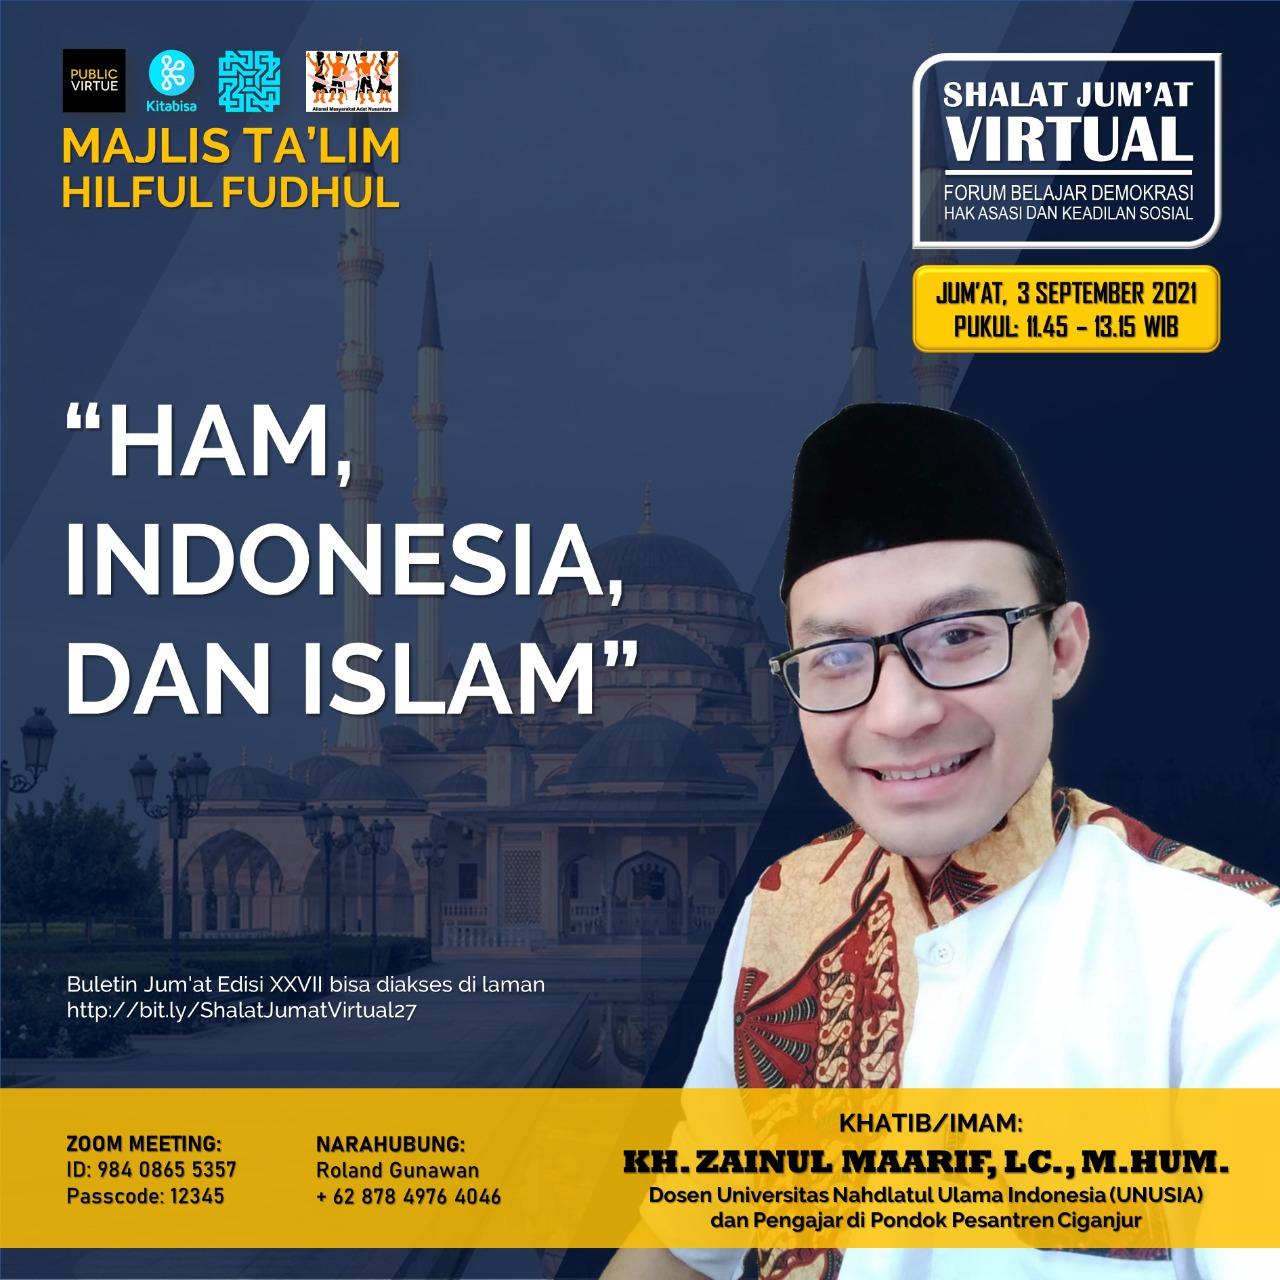 Hak Asasi Manusia, Indonesia dan Islam